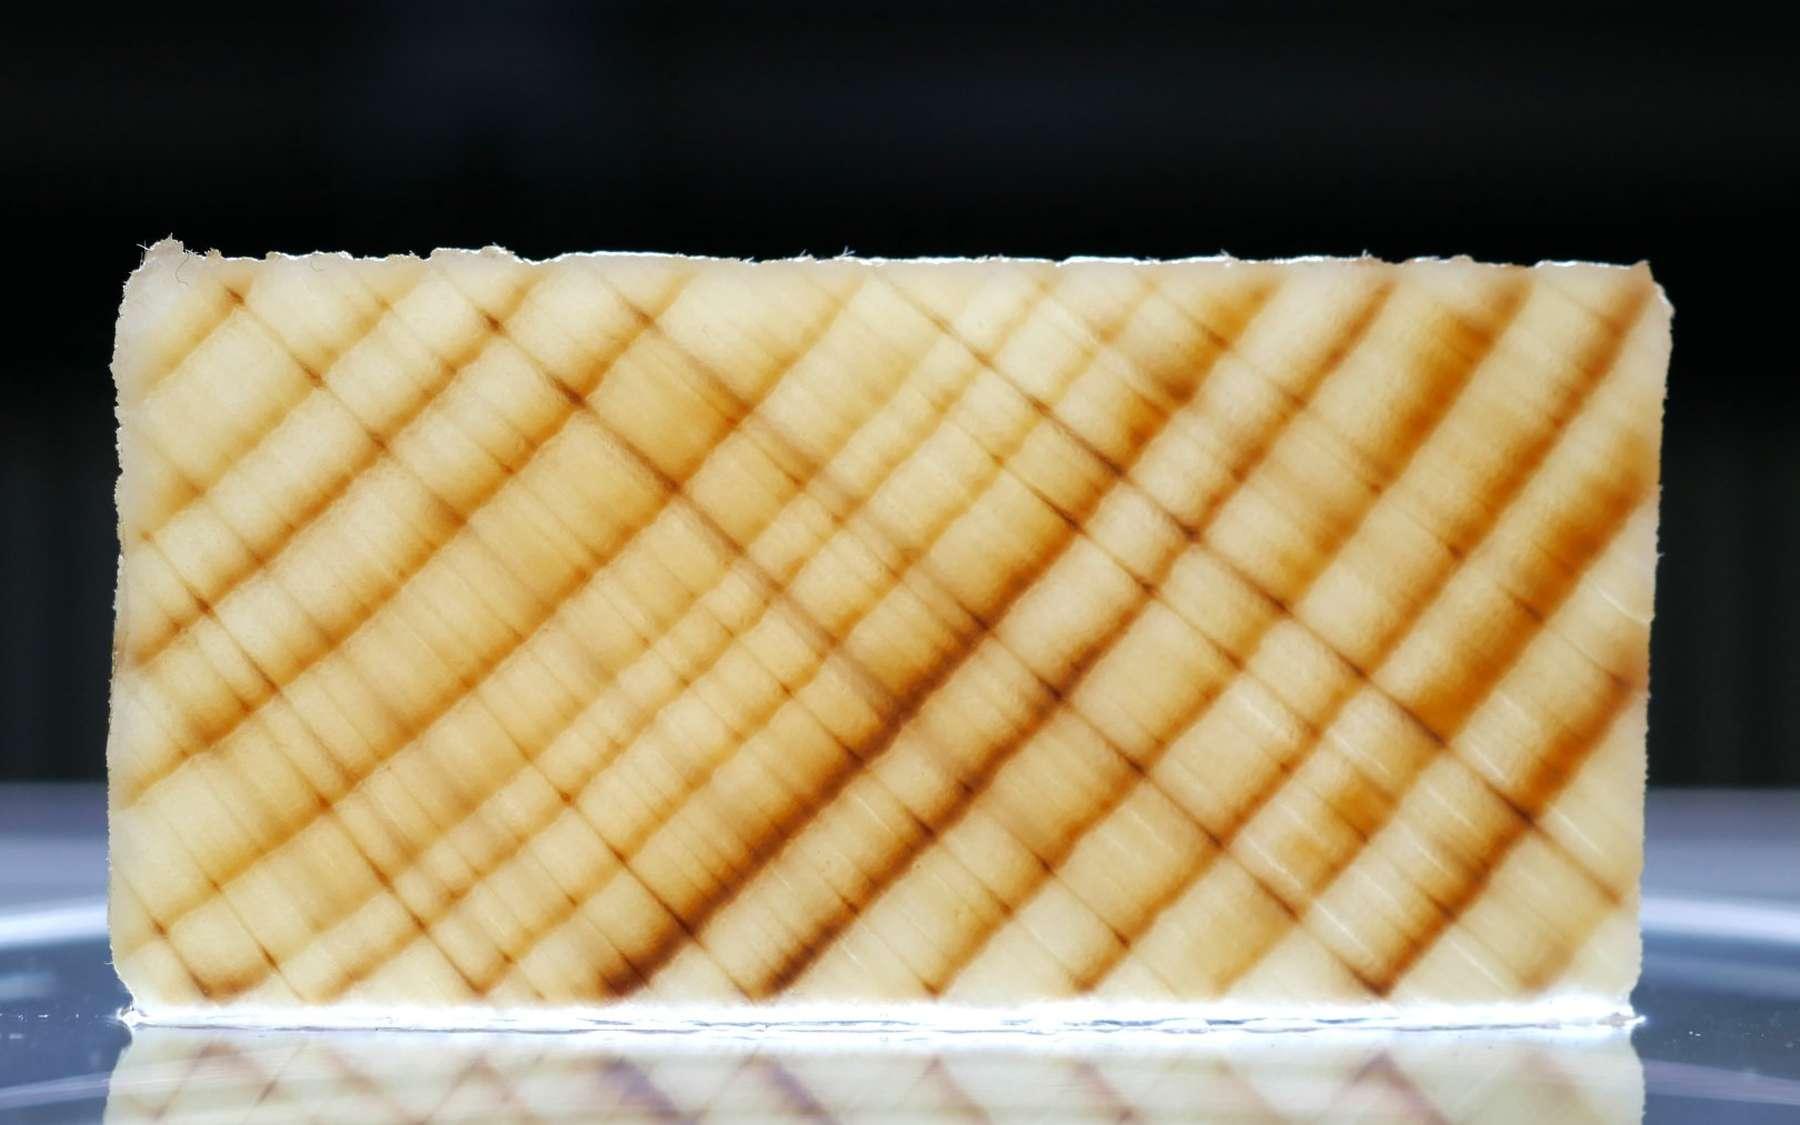 Ceci n'est pas du bois. Cette lame mince est une coupe fine de hêtre dont la lignine a été extraite et remplacée par un polymère. © Woodoo